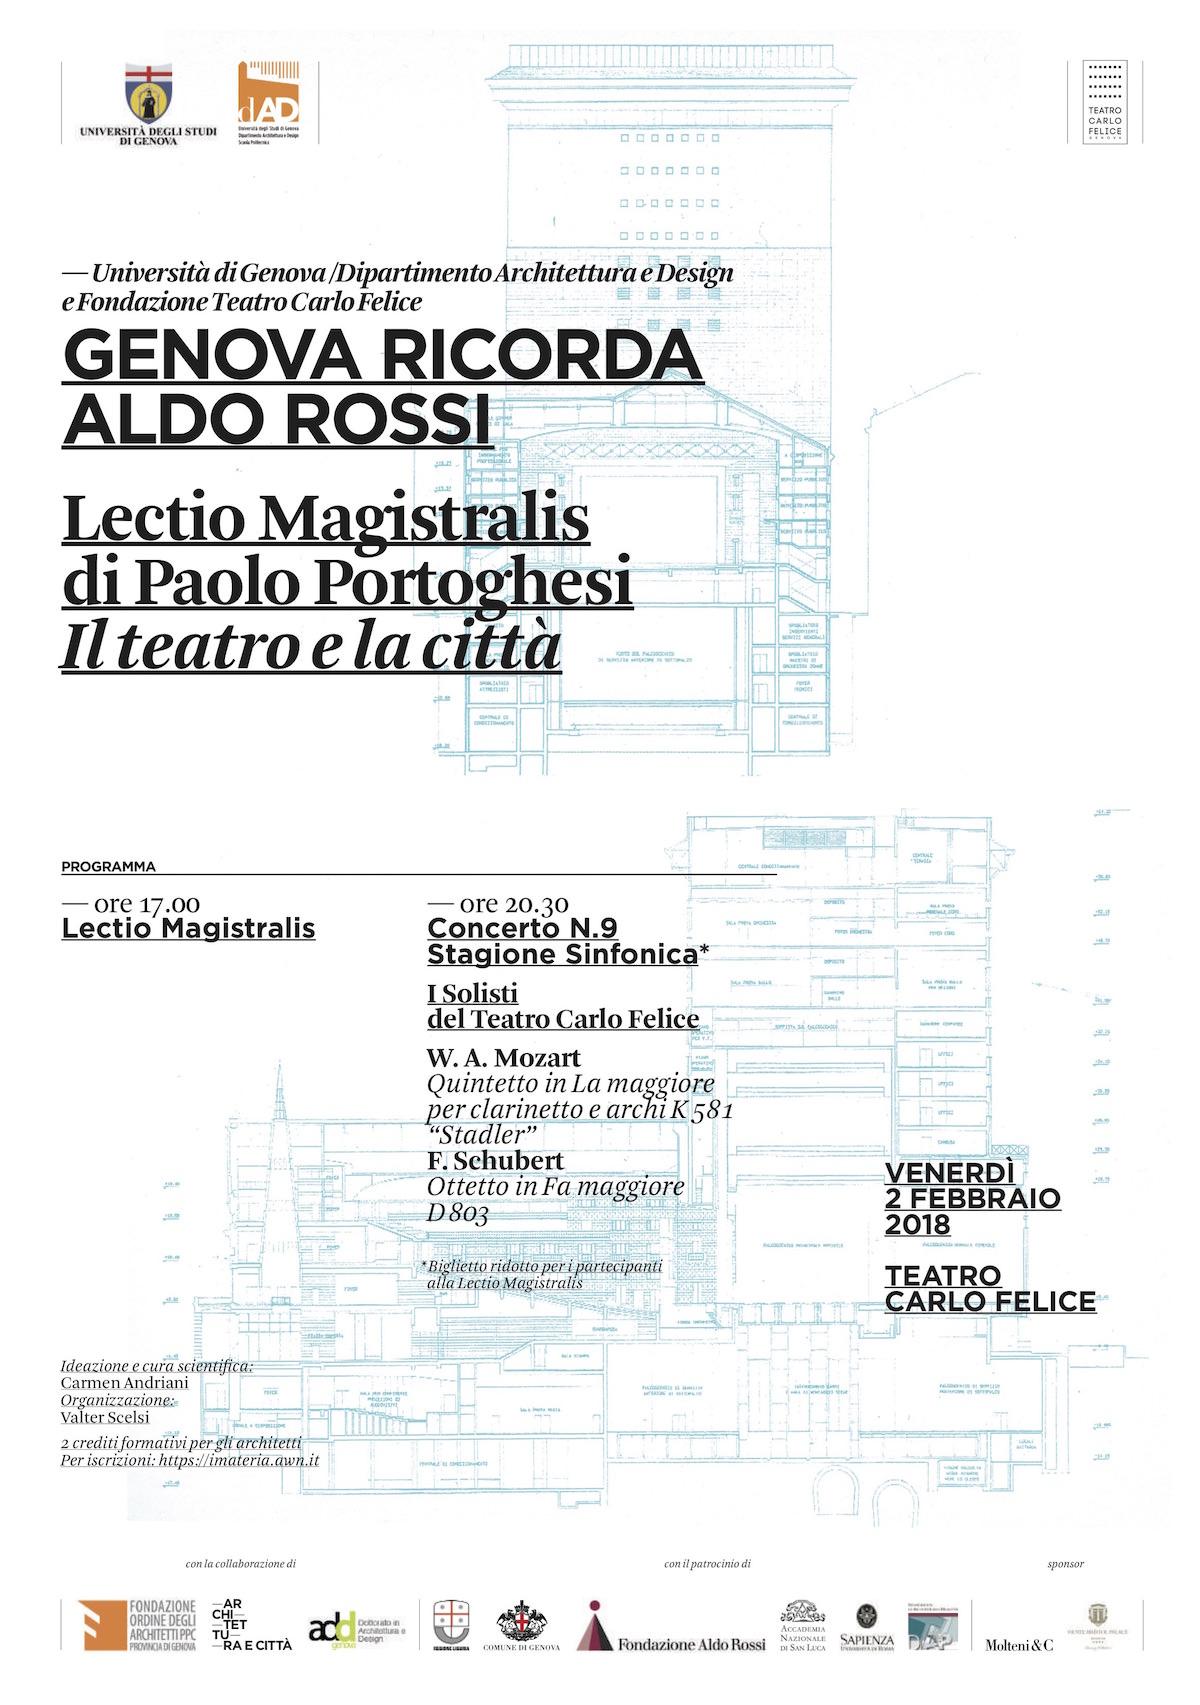 Genova Aldo Rossi